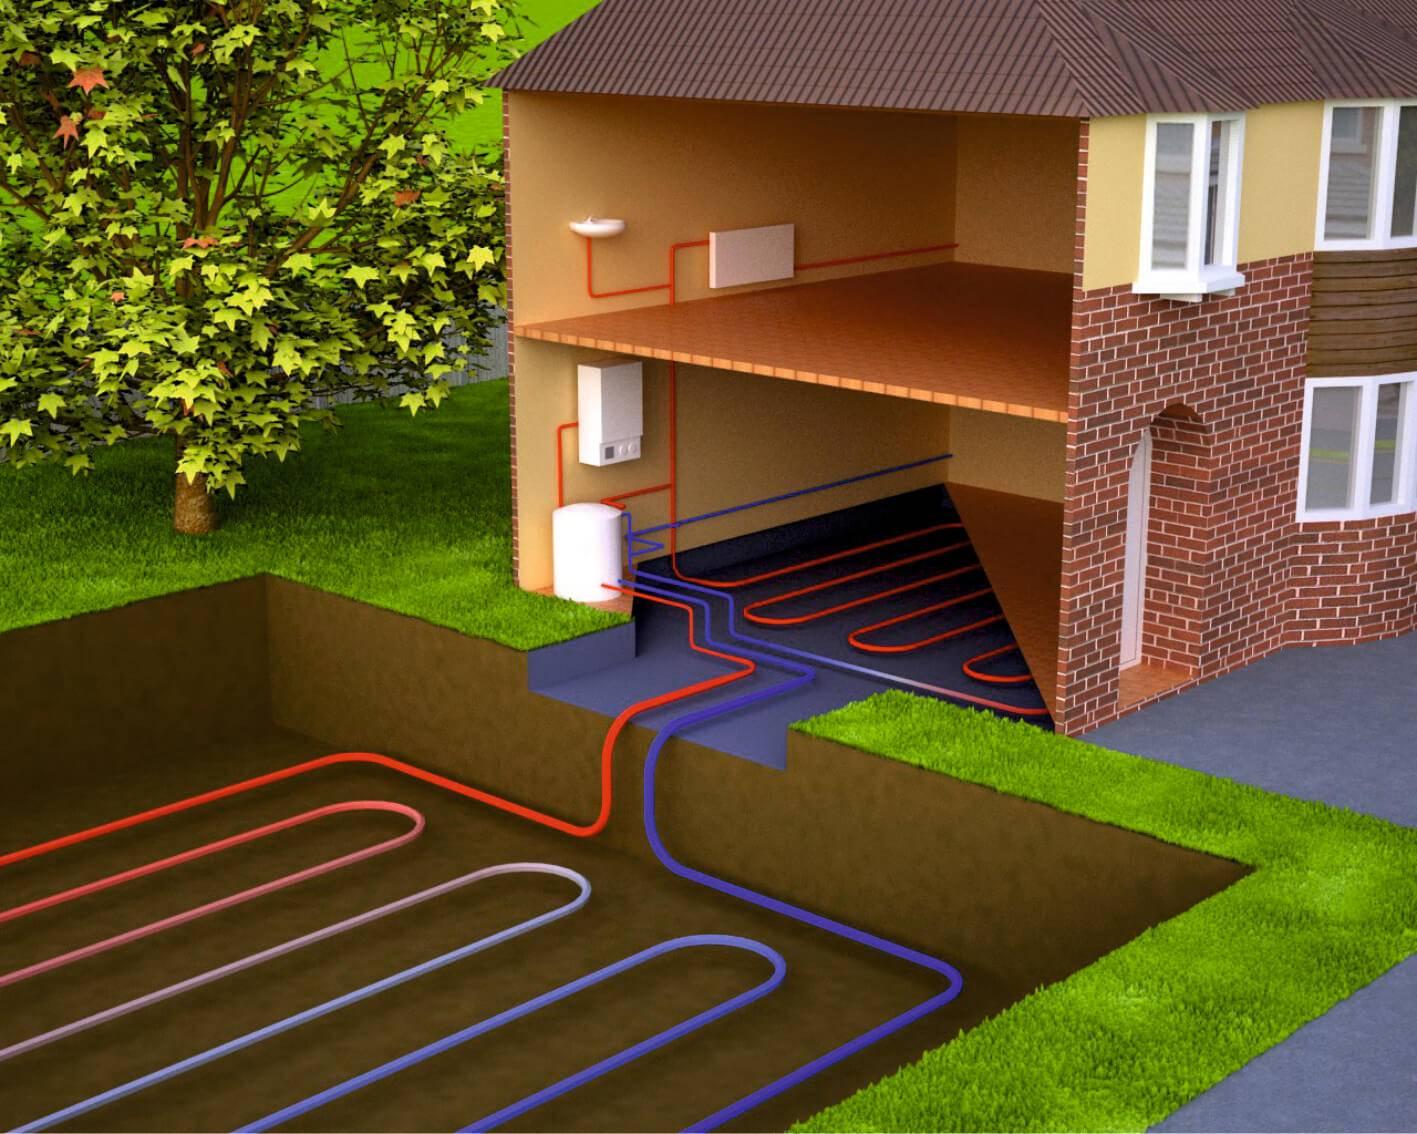 Отопление и водоснабжение частного дома: выбор источника тепла, схемы разводки и материалов